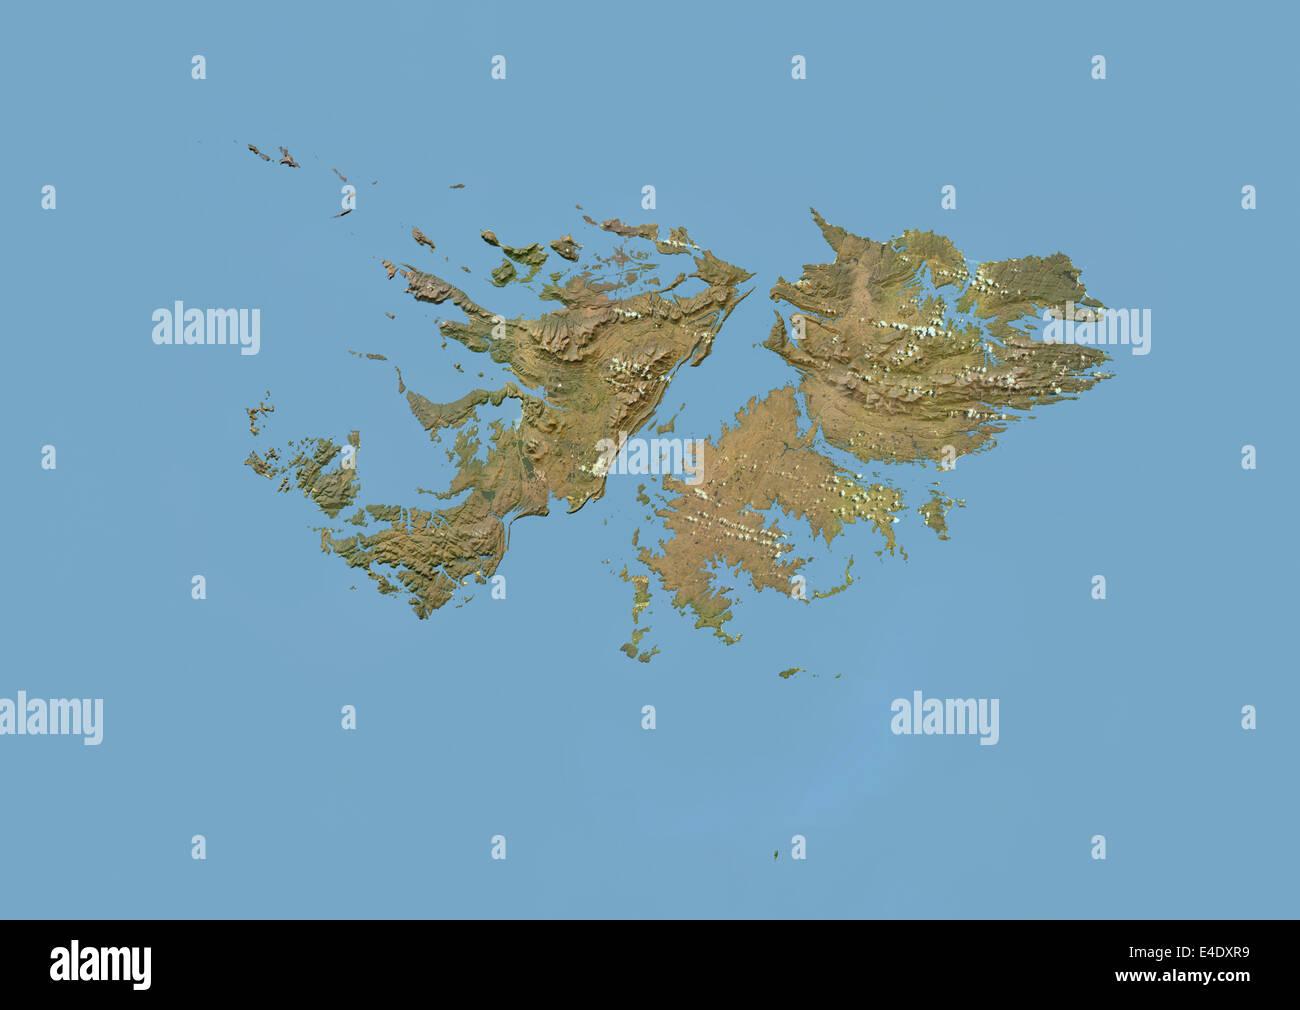 Imagen De Satelite De Las Islas Malvinas Con Bump Efecto Fotografia De Stock Alamy